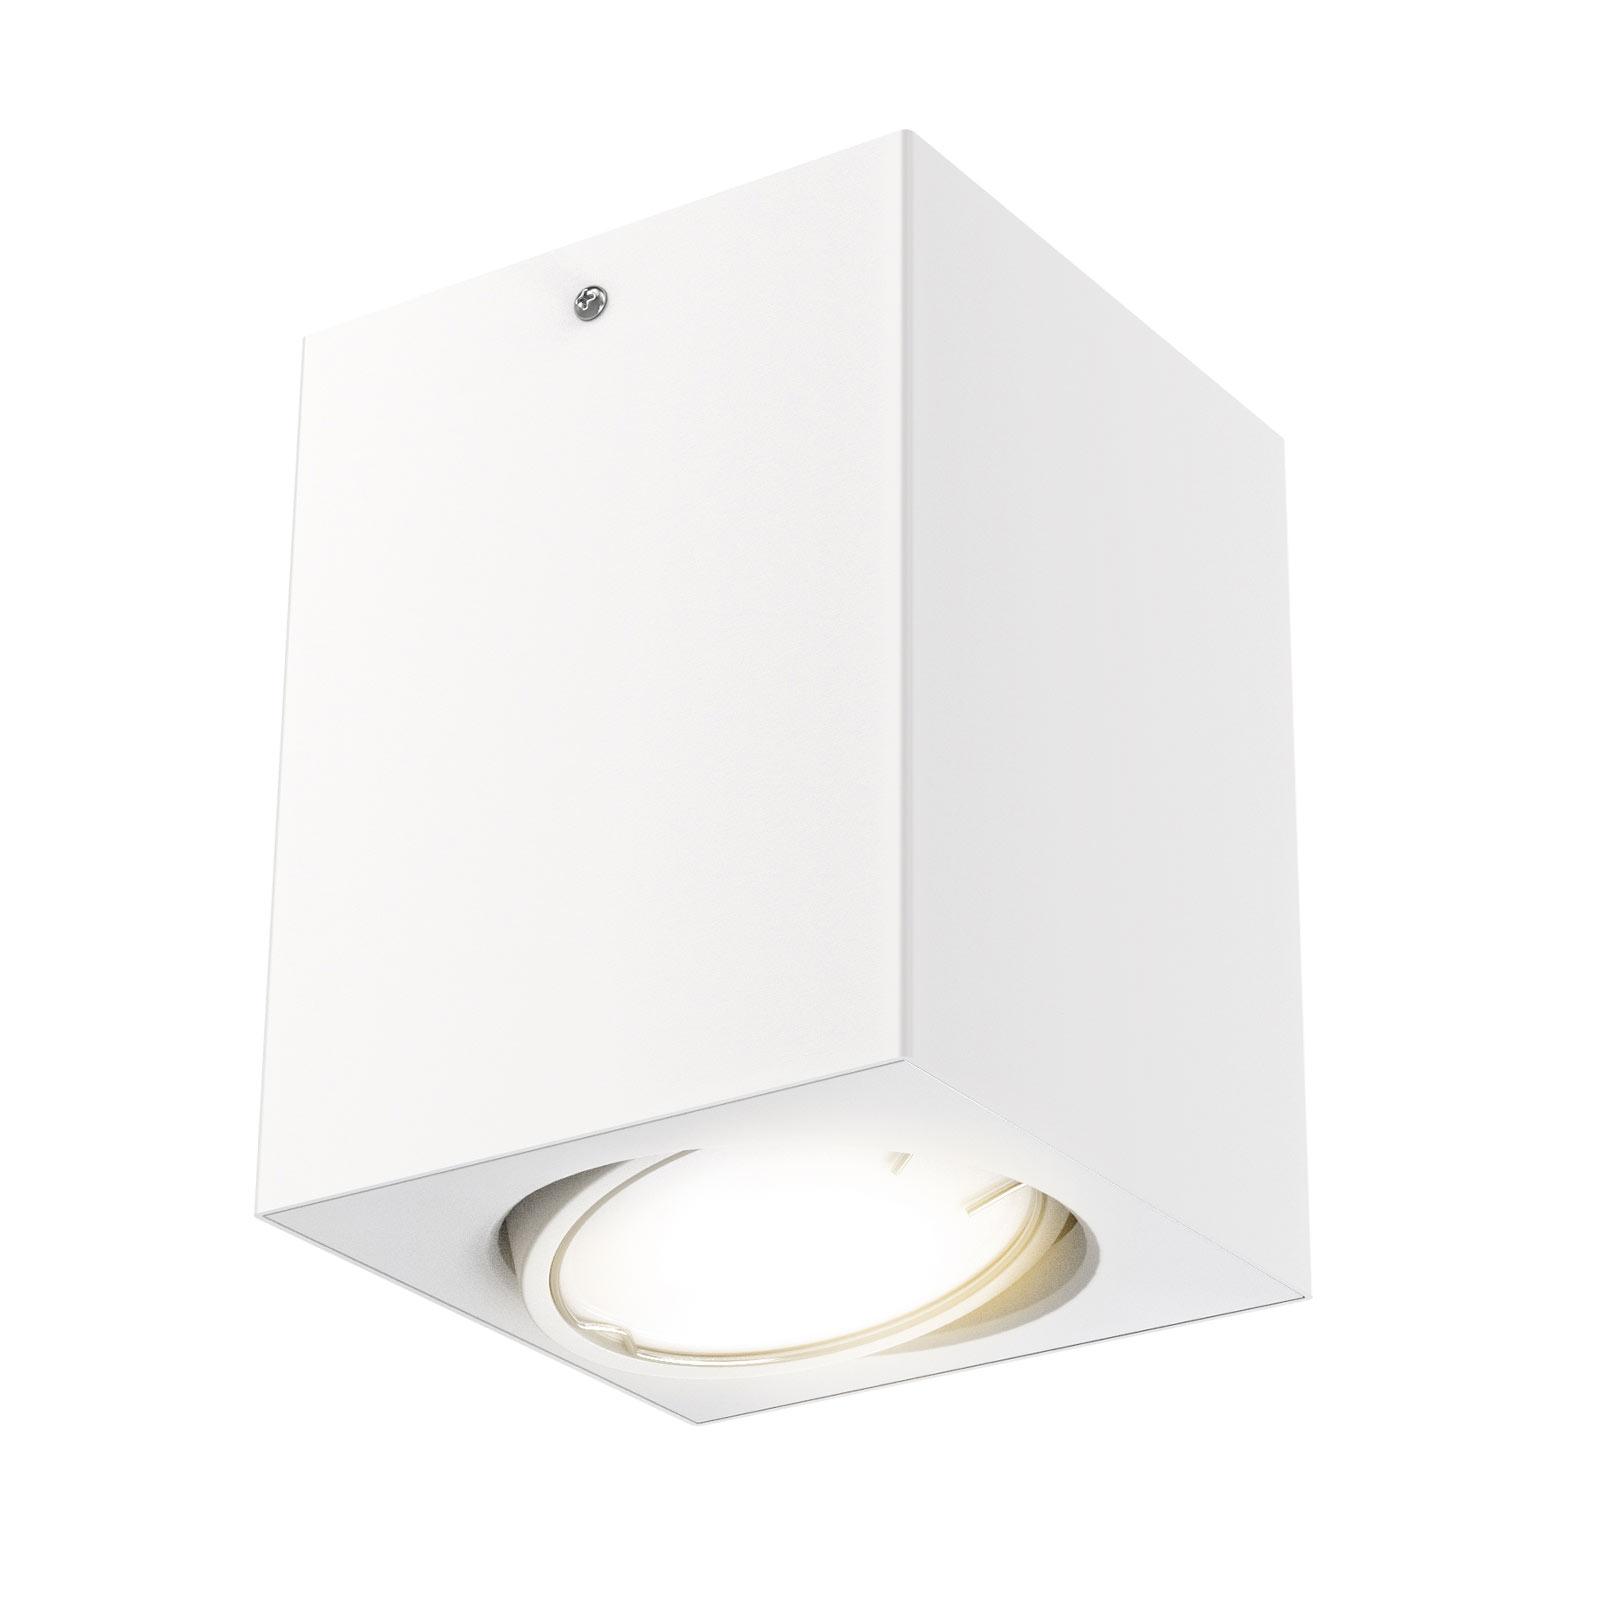 Faretto da soffitto LED 7120, GU10 bianco